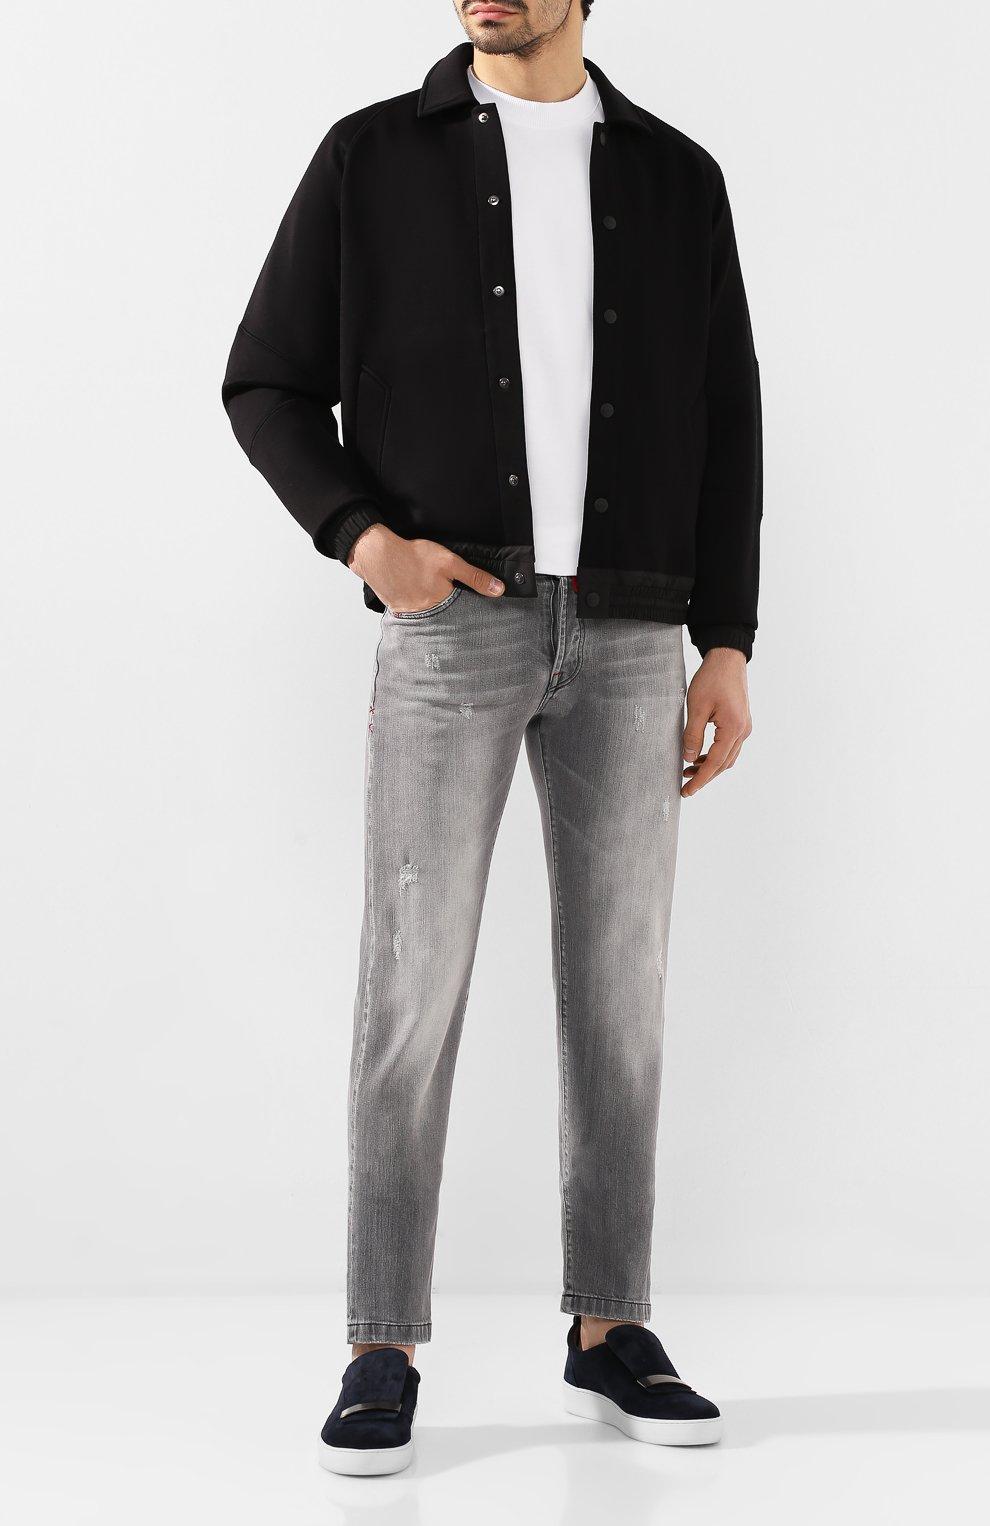 Мужской бомбер ZEGNA COUTURE черного цвета, арт. CUCJ01/7UJ60   Фото 2 (Кросс-КТ: Куртка; Рукава: Длинные; Принт: Без принта; Материал внешний: Синтетический материал, Хлопок; Мужское Кросс-КТ: Верхняя одежда; Длина (верхняя одежда): Короткие; Стили: Кэжуэл)